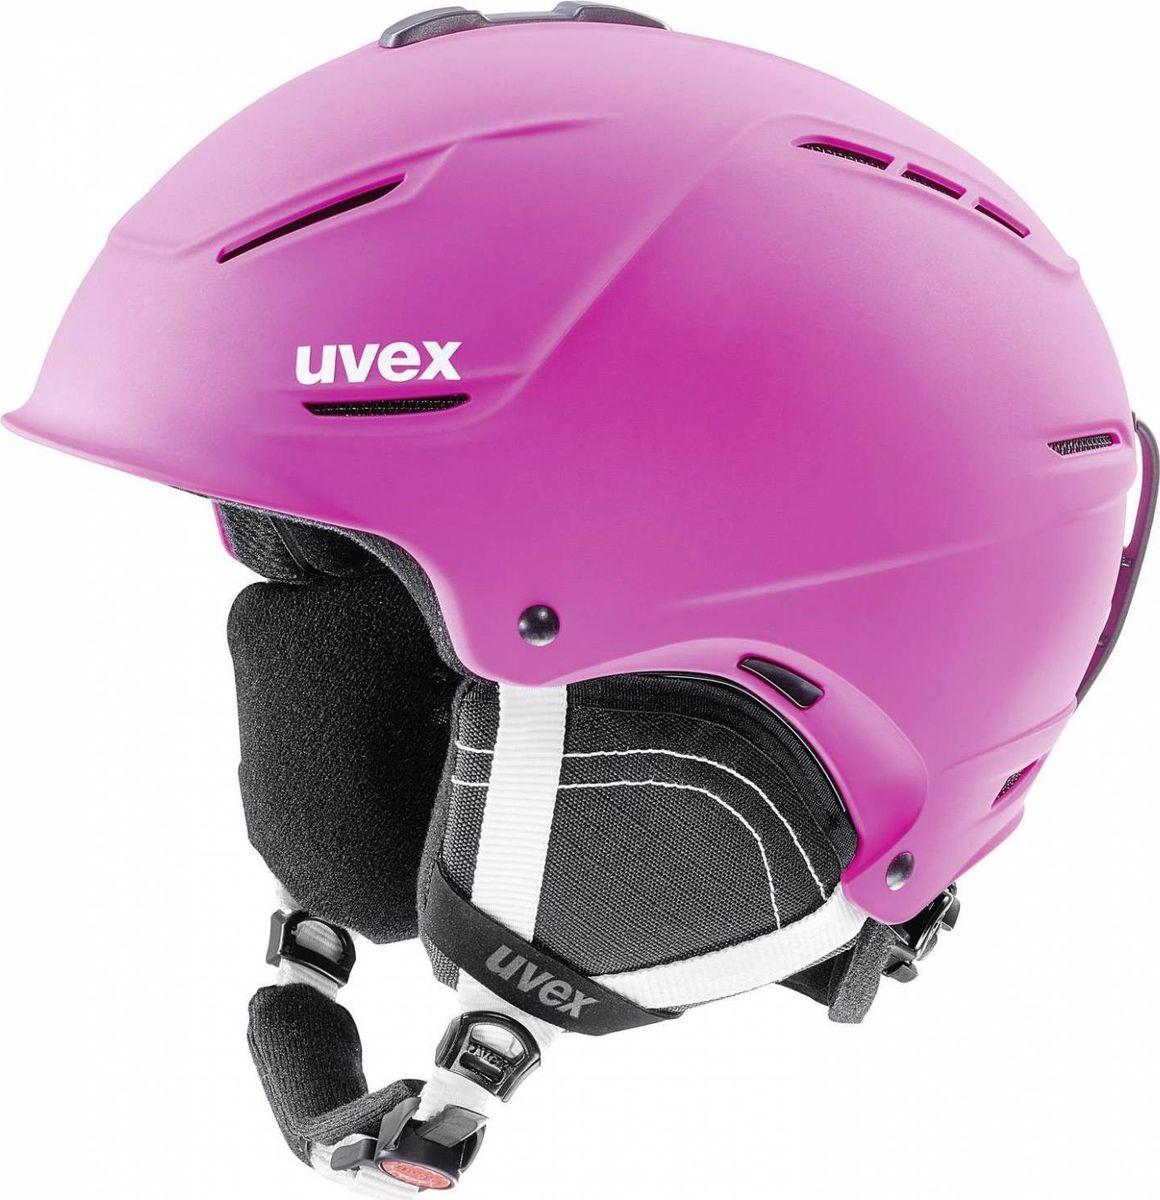 Шлем горнолыжный Uvex P1us 2.0 Helmet, цвет: розовый матовый. Размер 52/556211Удобный шлем от Uvex с конструкцией +technology обеспечит безопасность на склоне. В модели предусмотрена съемная защита ушей с технологией Natural Sound, которая не искажает звуки. Гипоаллергенная подкладка и регулируемая вентиляция гарантируют комфорт во время катания. Фиксатор стрэпа маски и застежка monomatiс, которую легко отрегулировать одной рукой, служат для удобства использования. Система IAS для индивидуальной подгонки по размеру. Сделано в Германии.